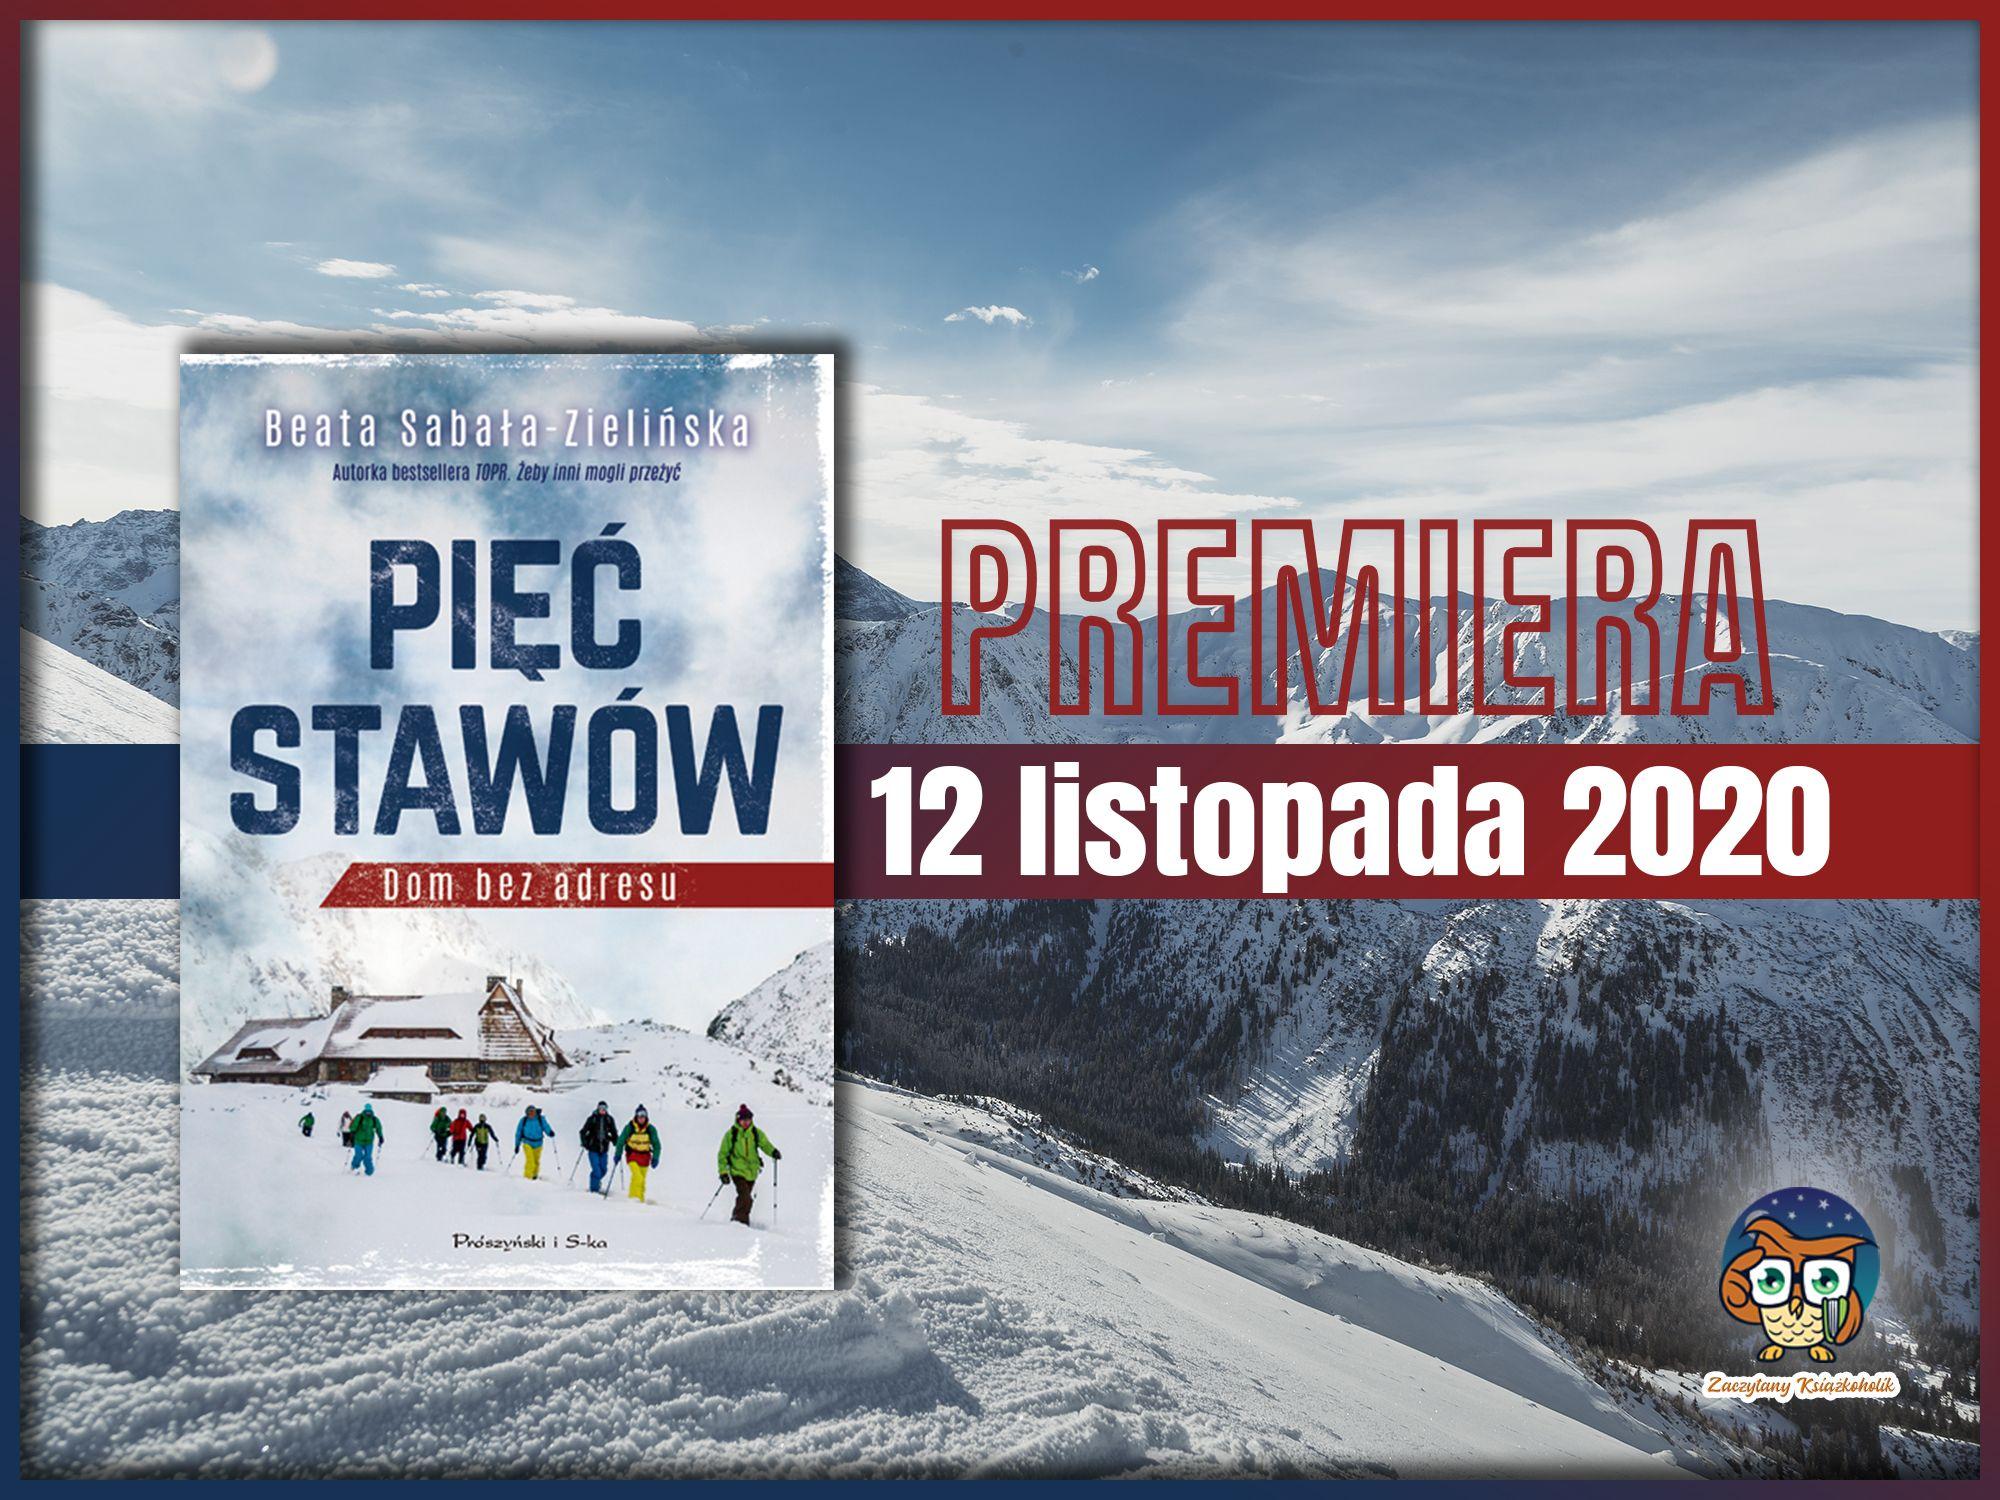 Pięć Stawów. Dom bez adresu, Beata Sabała-Zielińska, zaczytanyksiazkohlik.pl